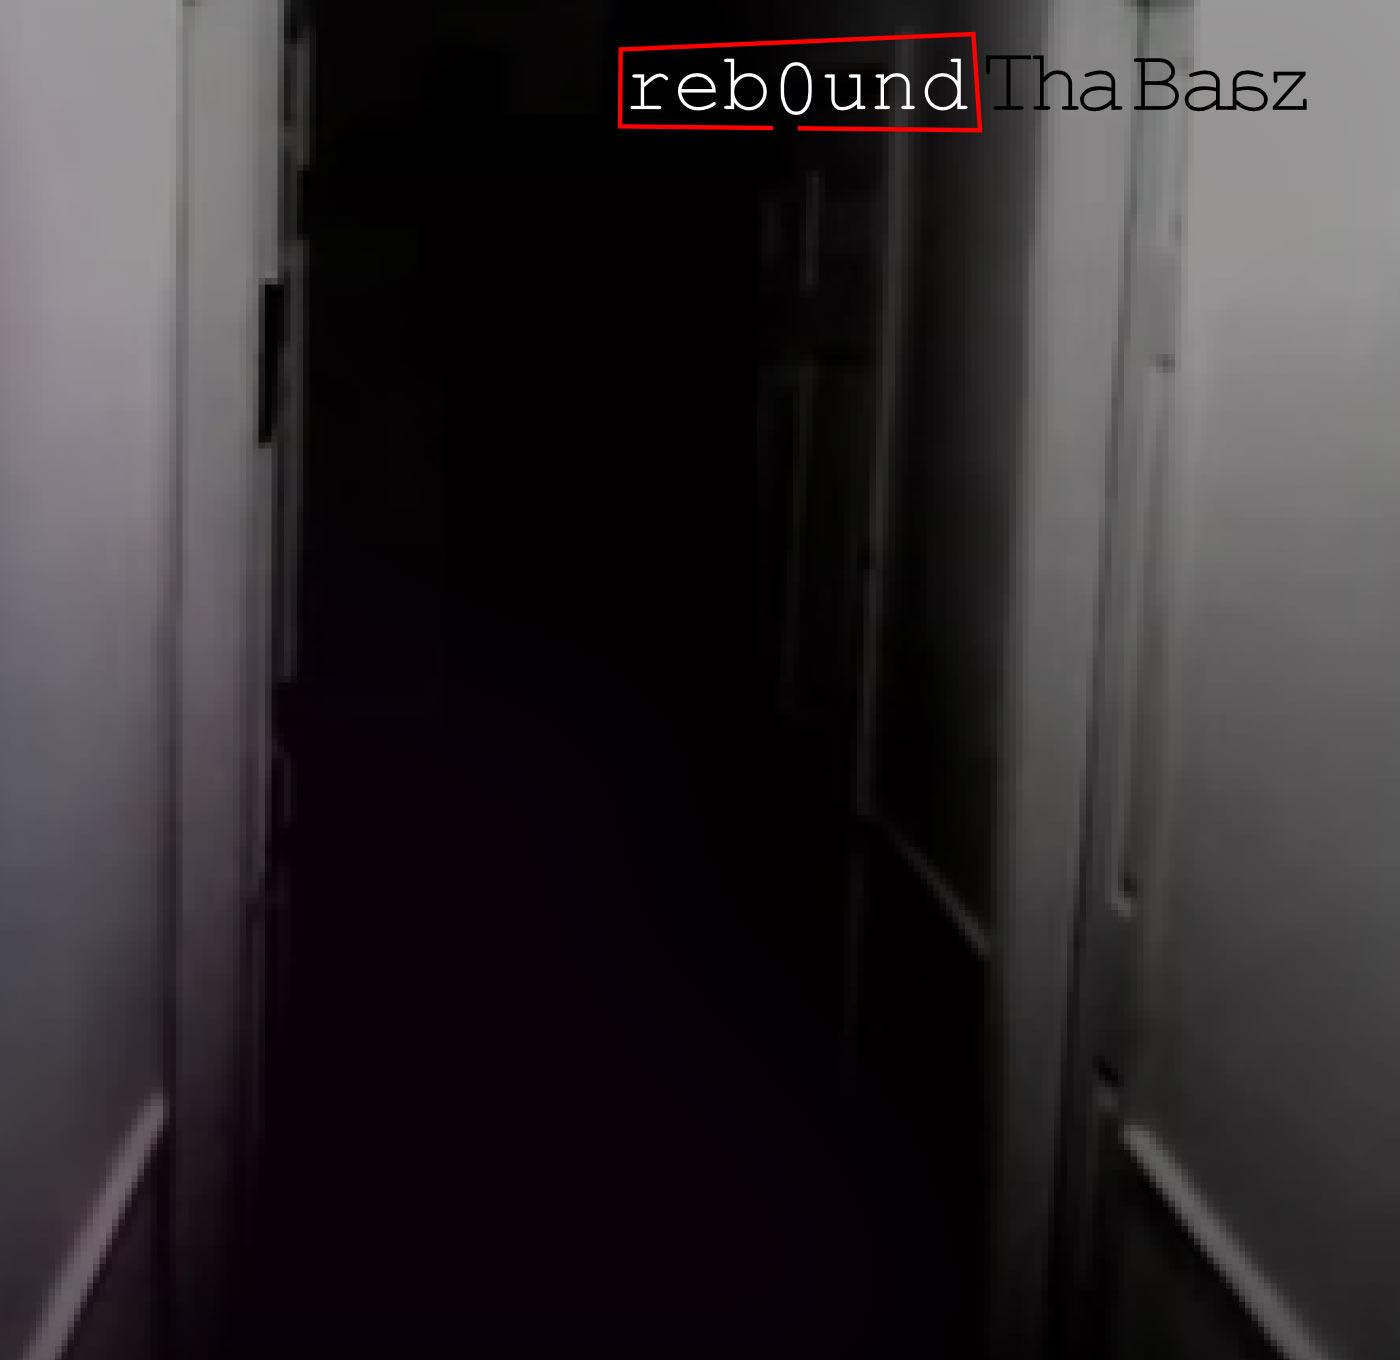 IYE 26 - ThaBaaz - reb0und MP3 4